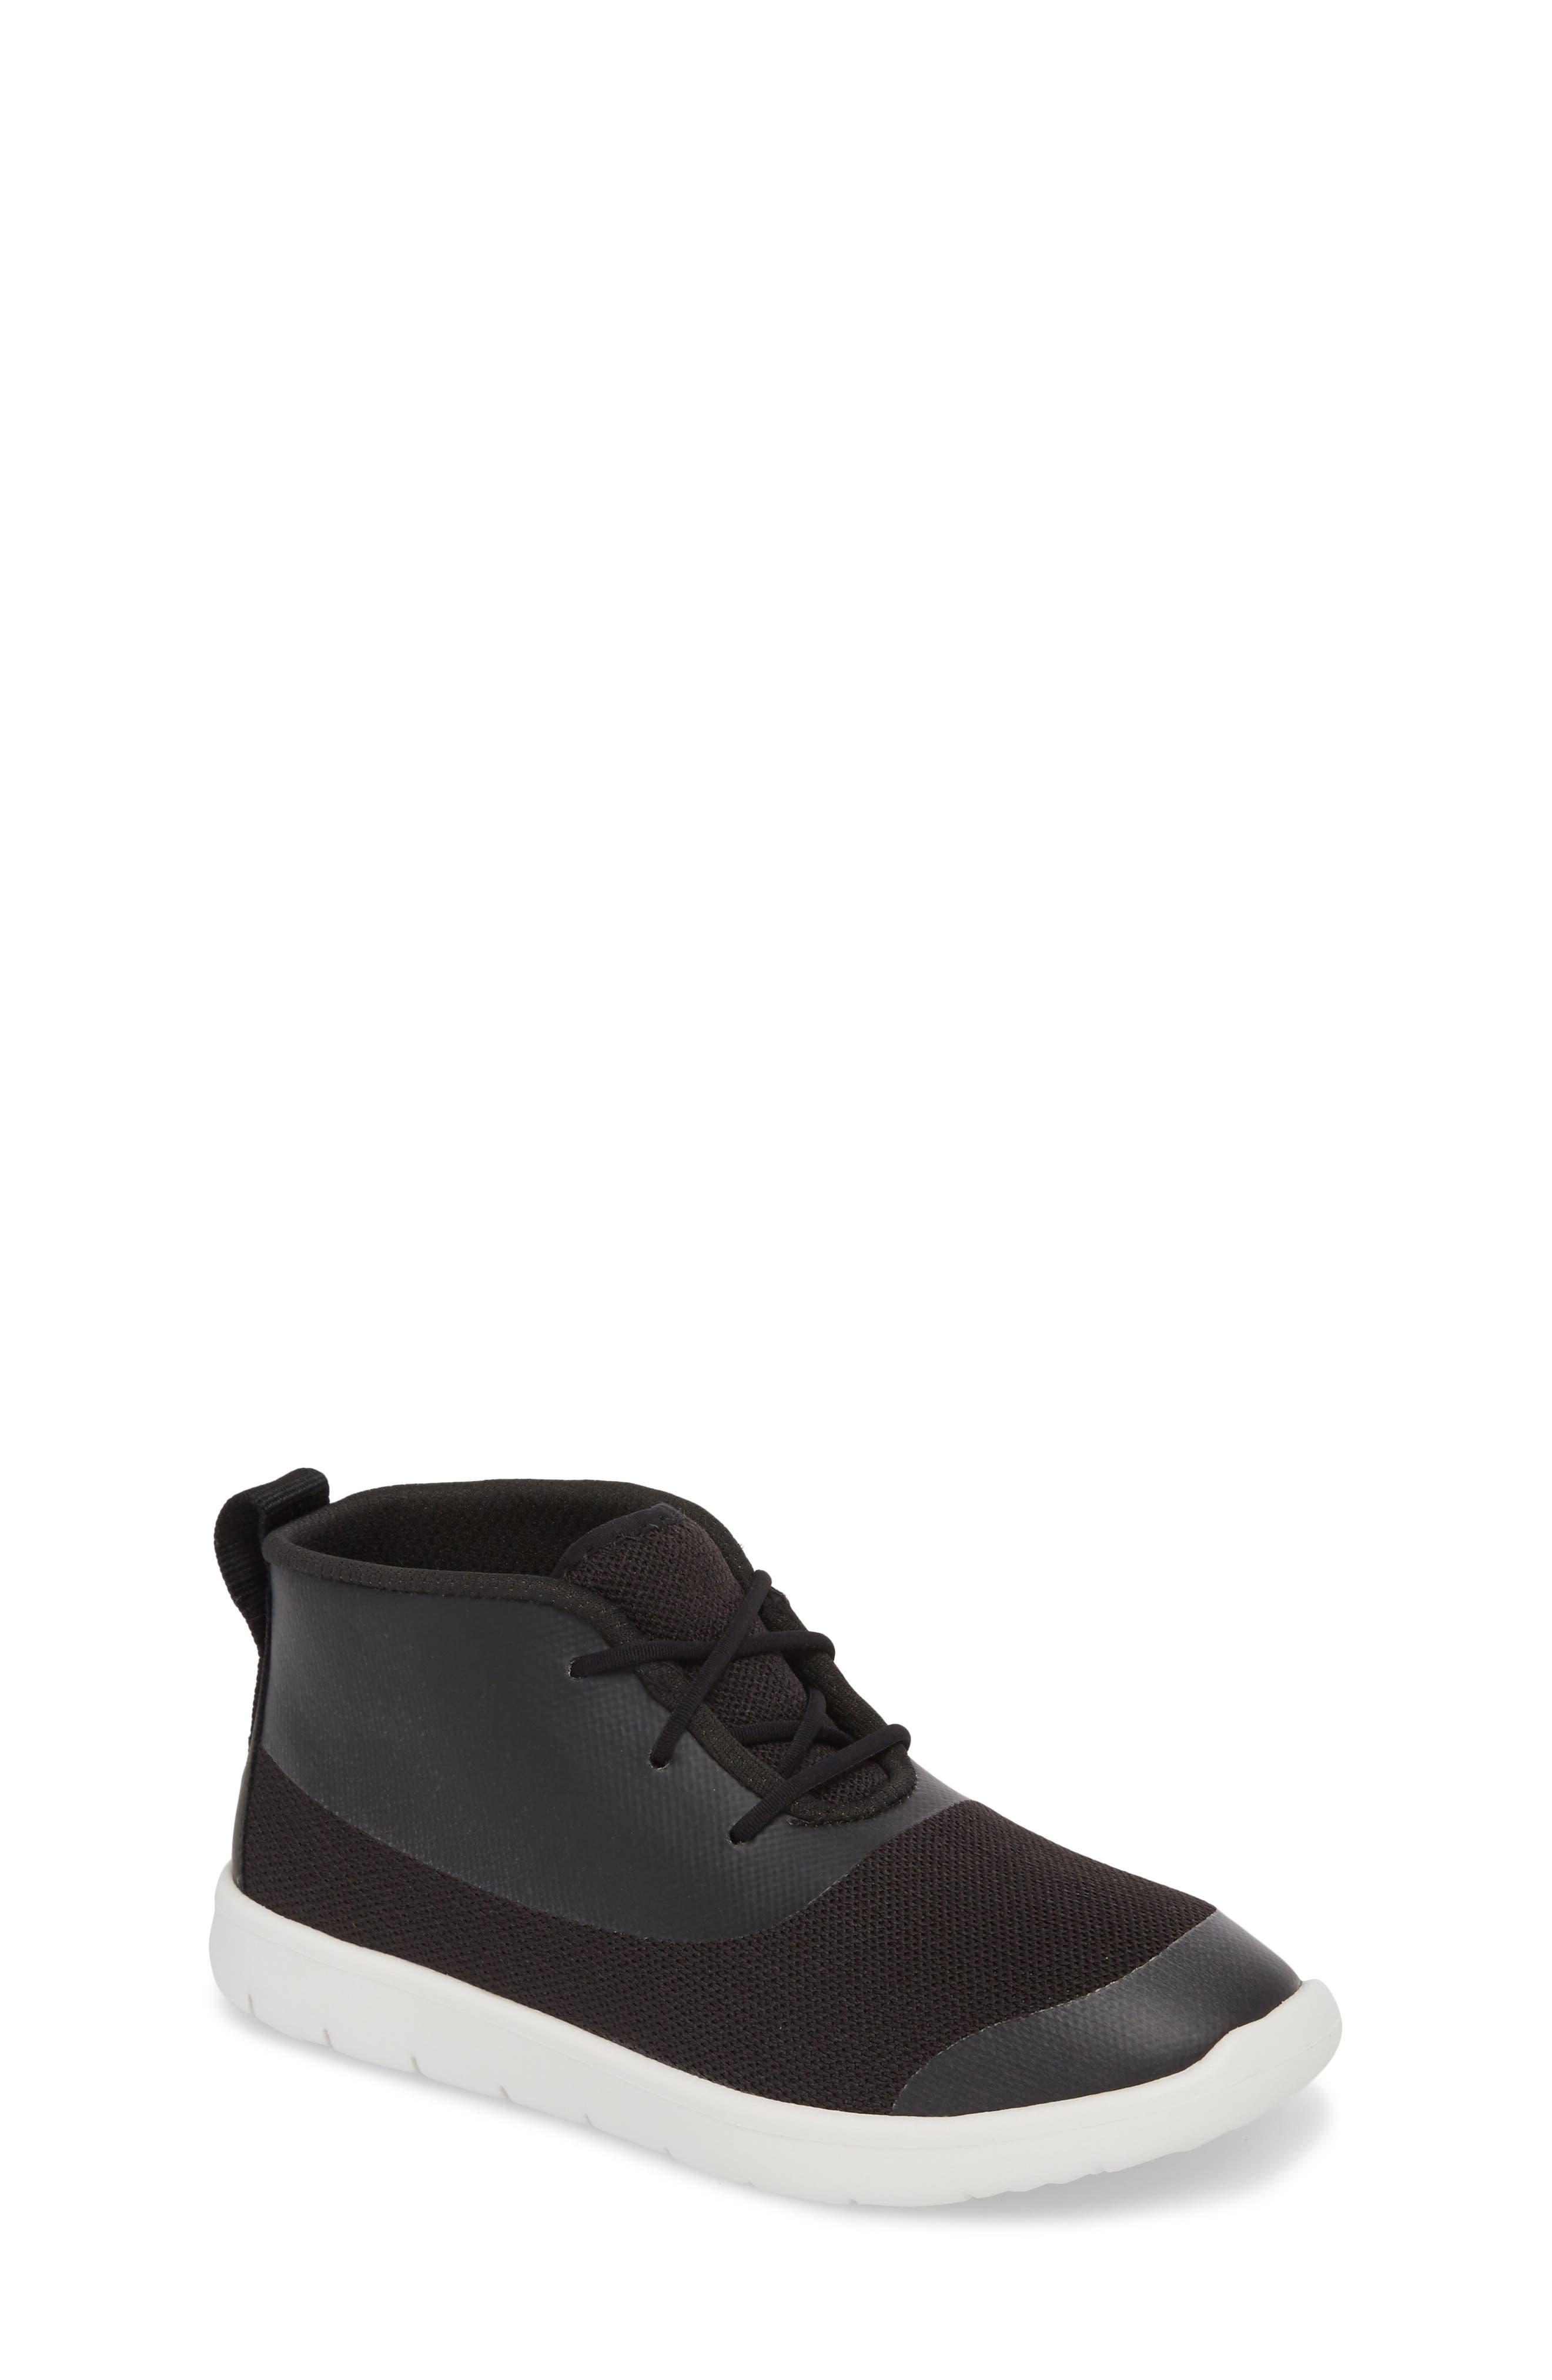 UGG<SUP>®</SUP> Seaway Chukka Boot, Main, color, 001